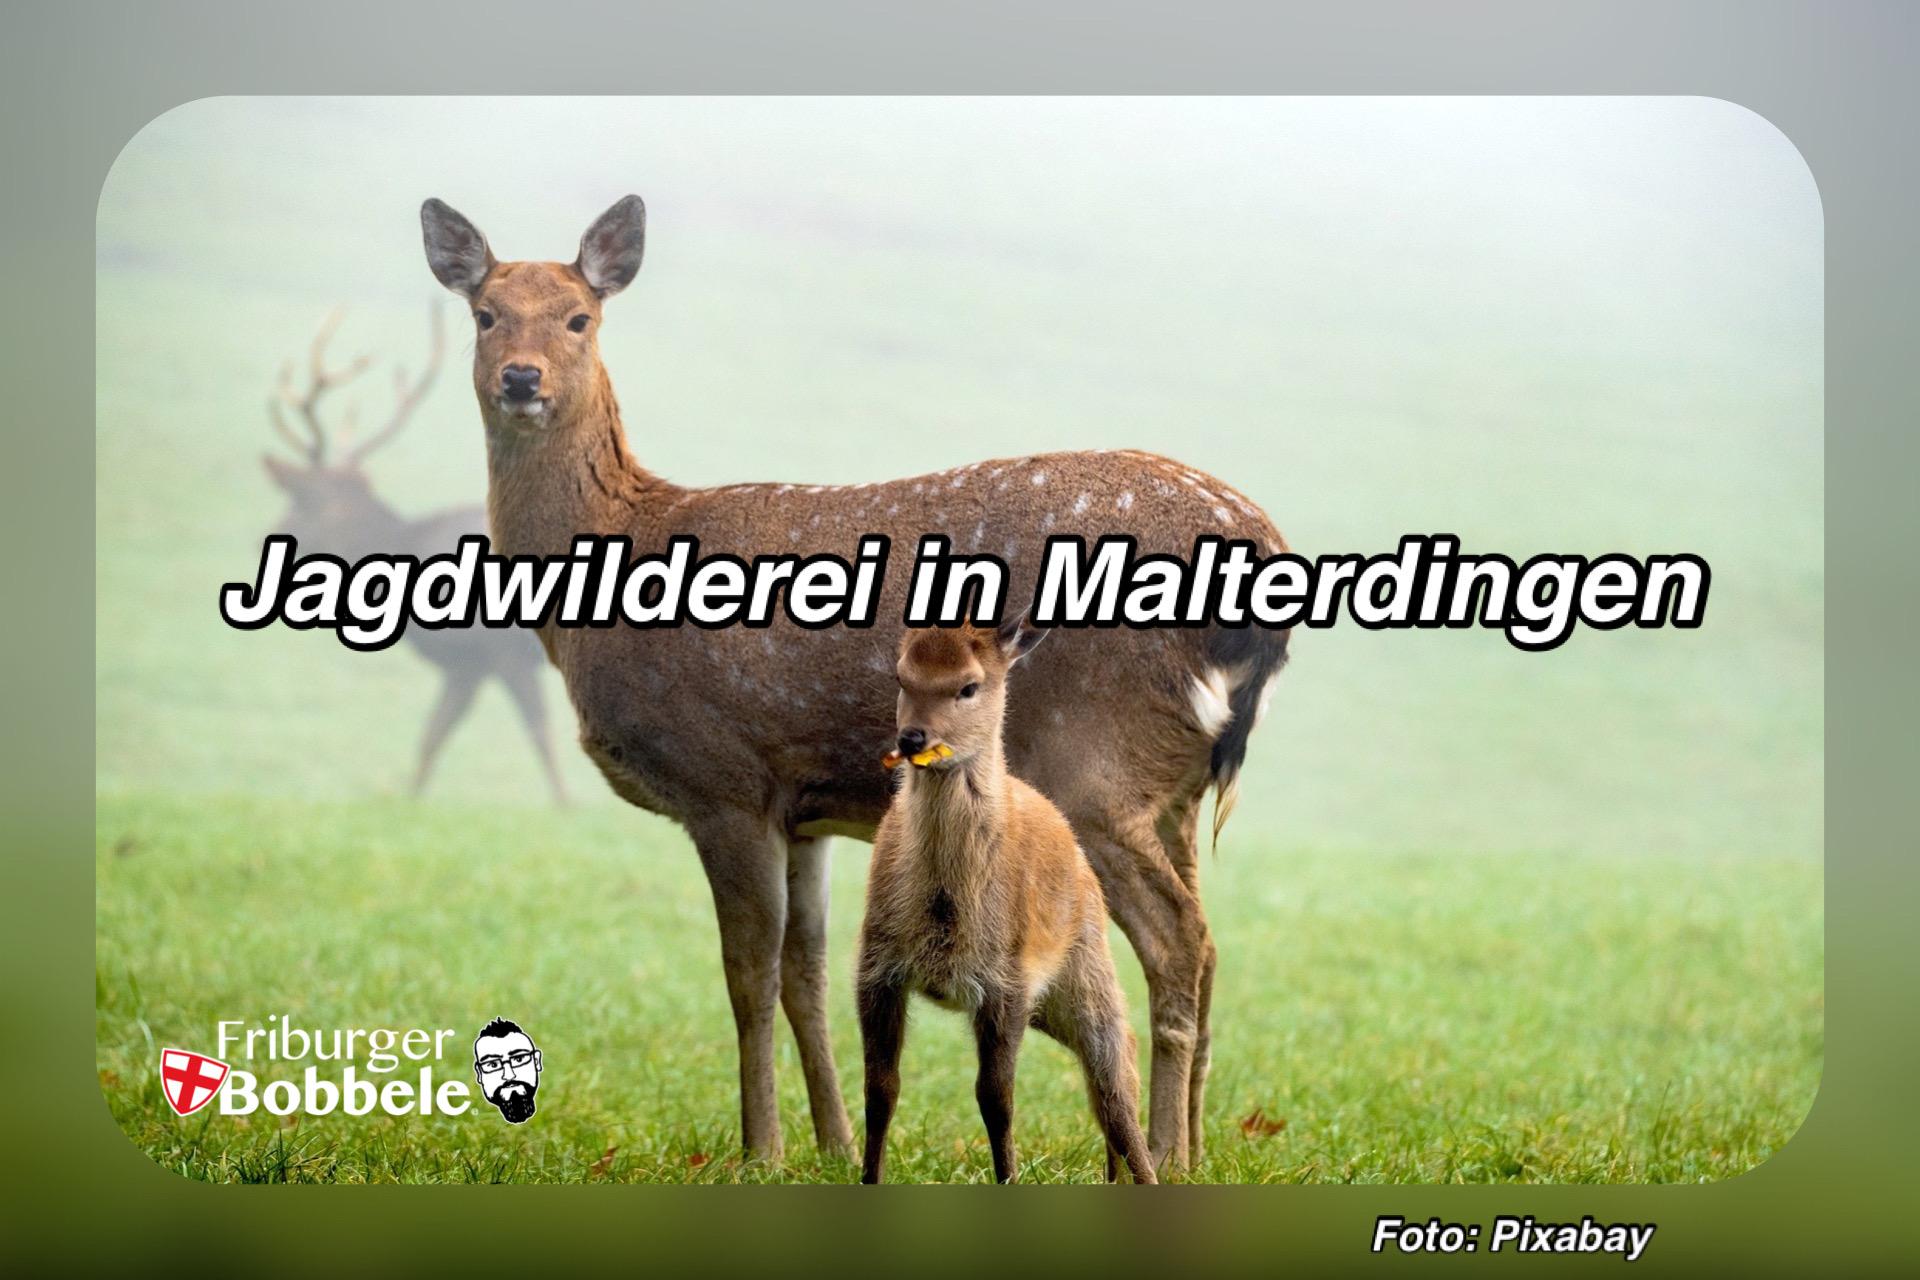 Jagdwilderei in Malterdingen - Zeugen gesucht